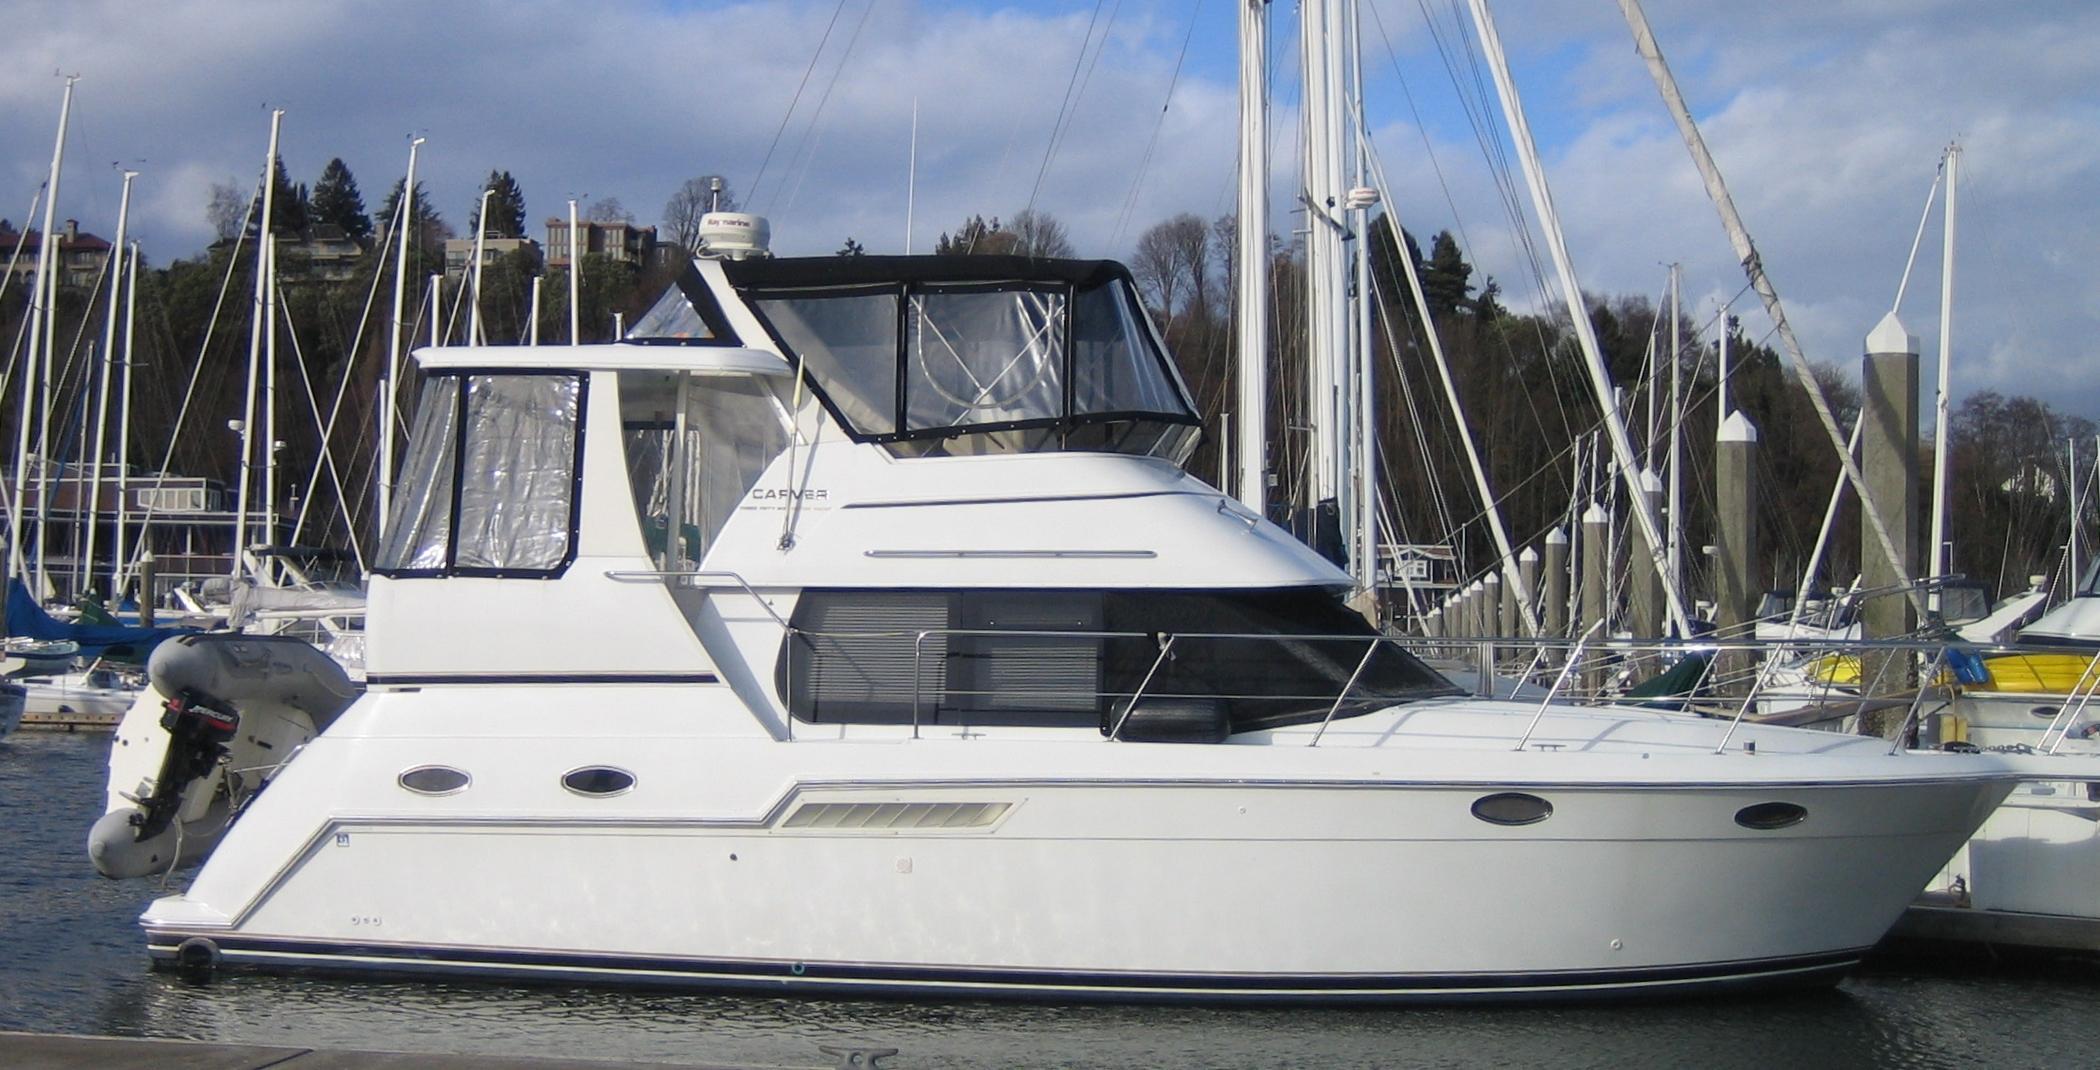 35 ft 2000 carver 356 aft cabin motor yacht